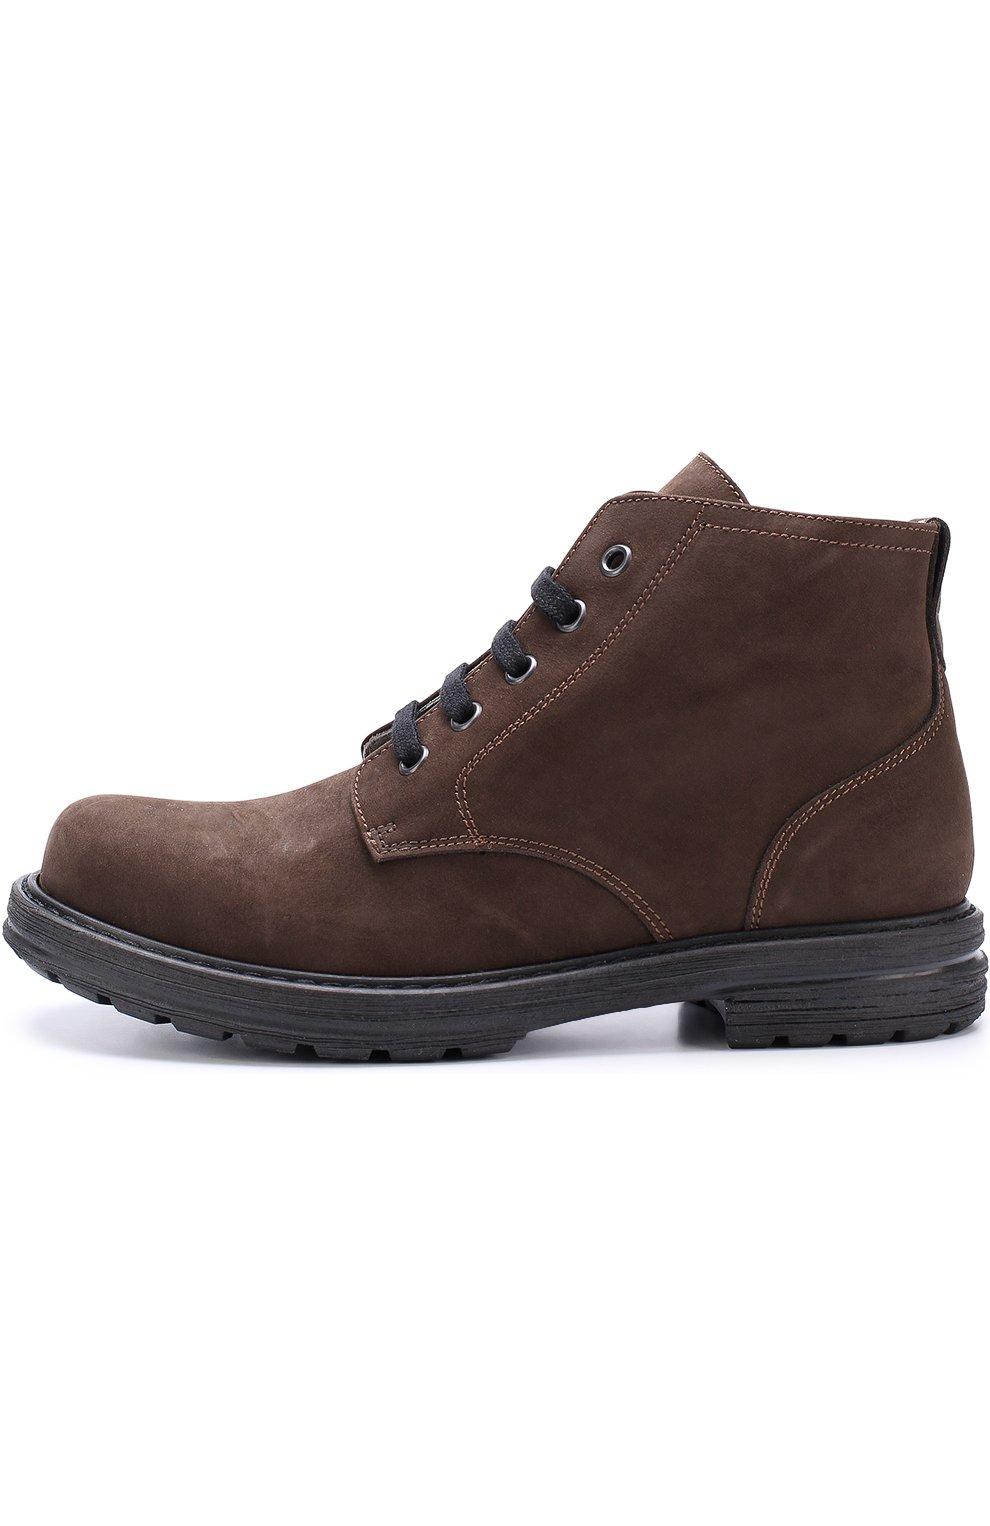 1f3444ddbc34 Детские ботинки из нубука на шнуровке LANVIN коричневого цвета ...